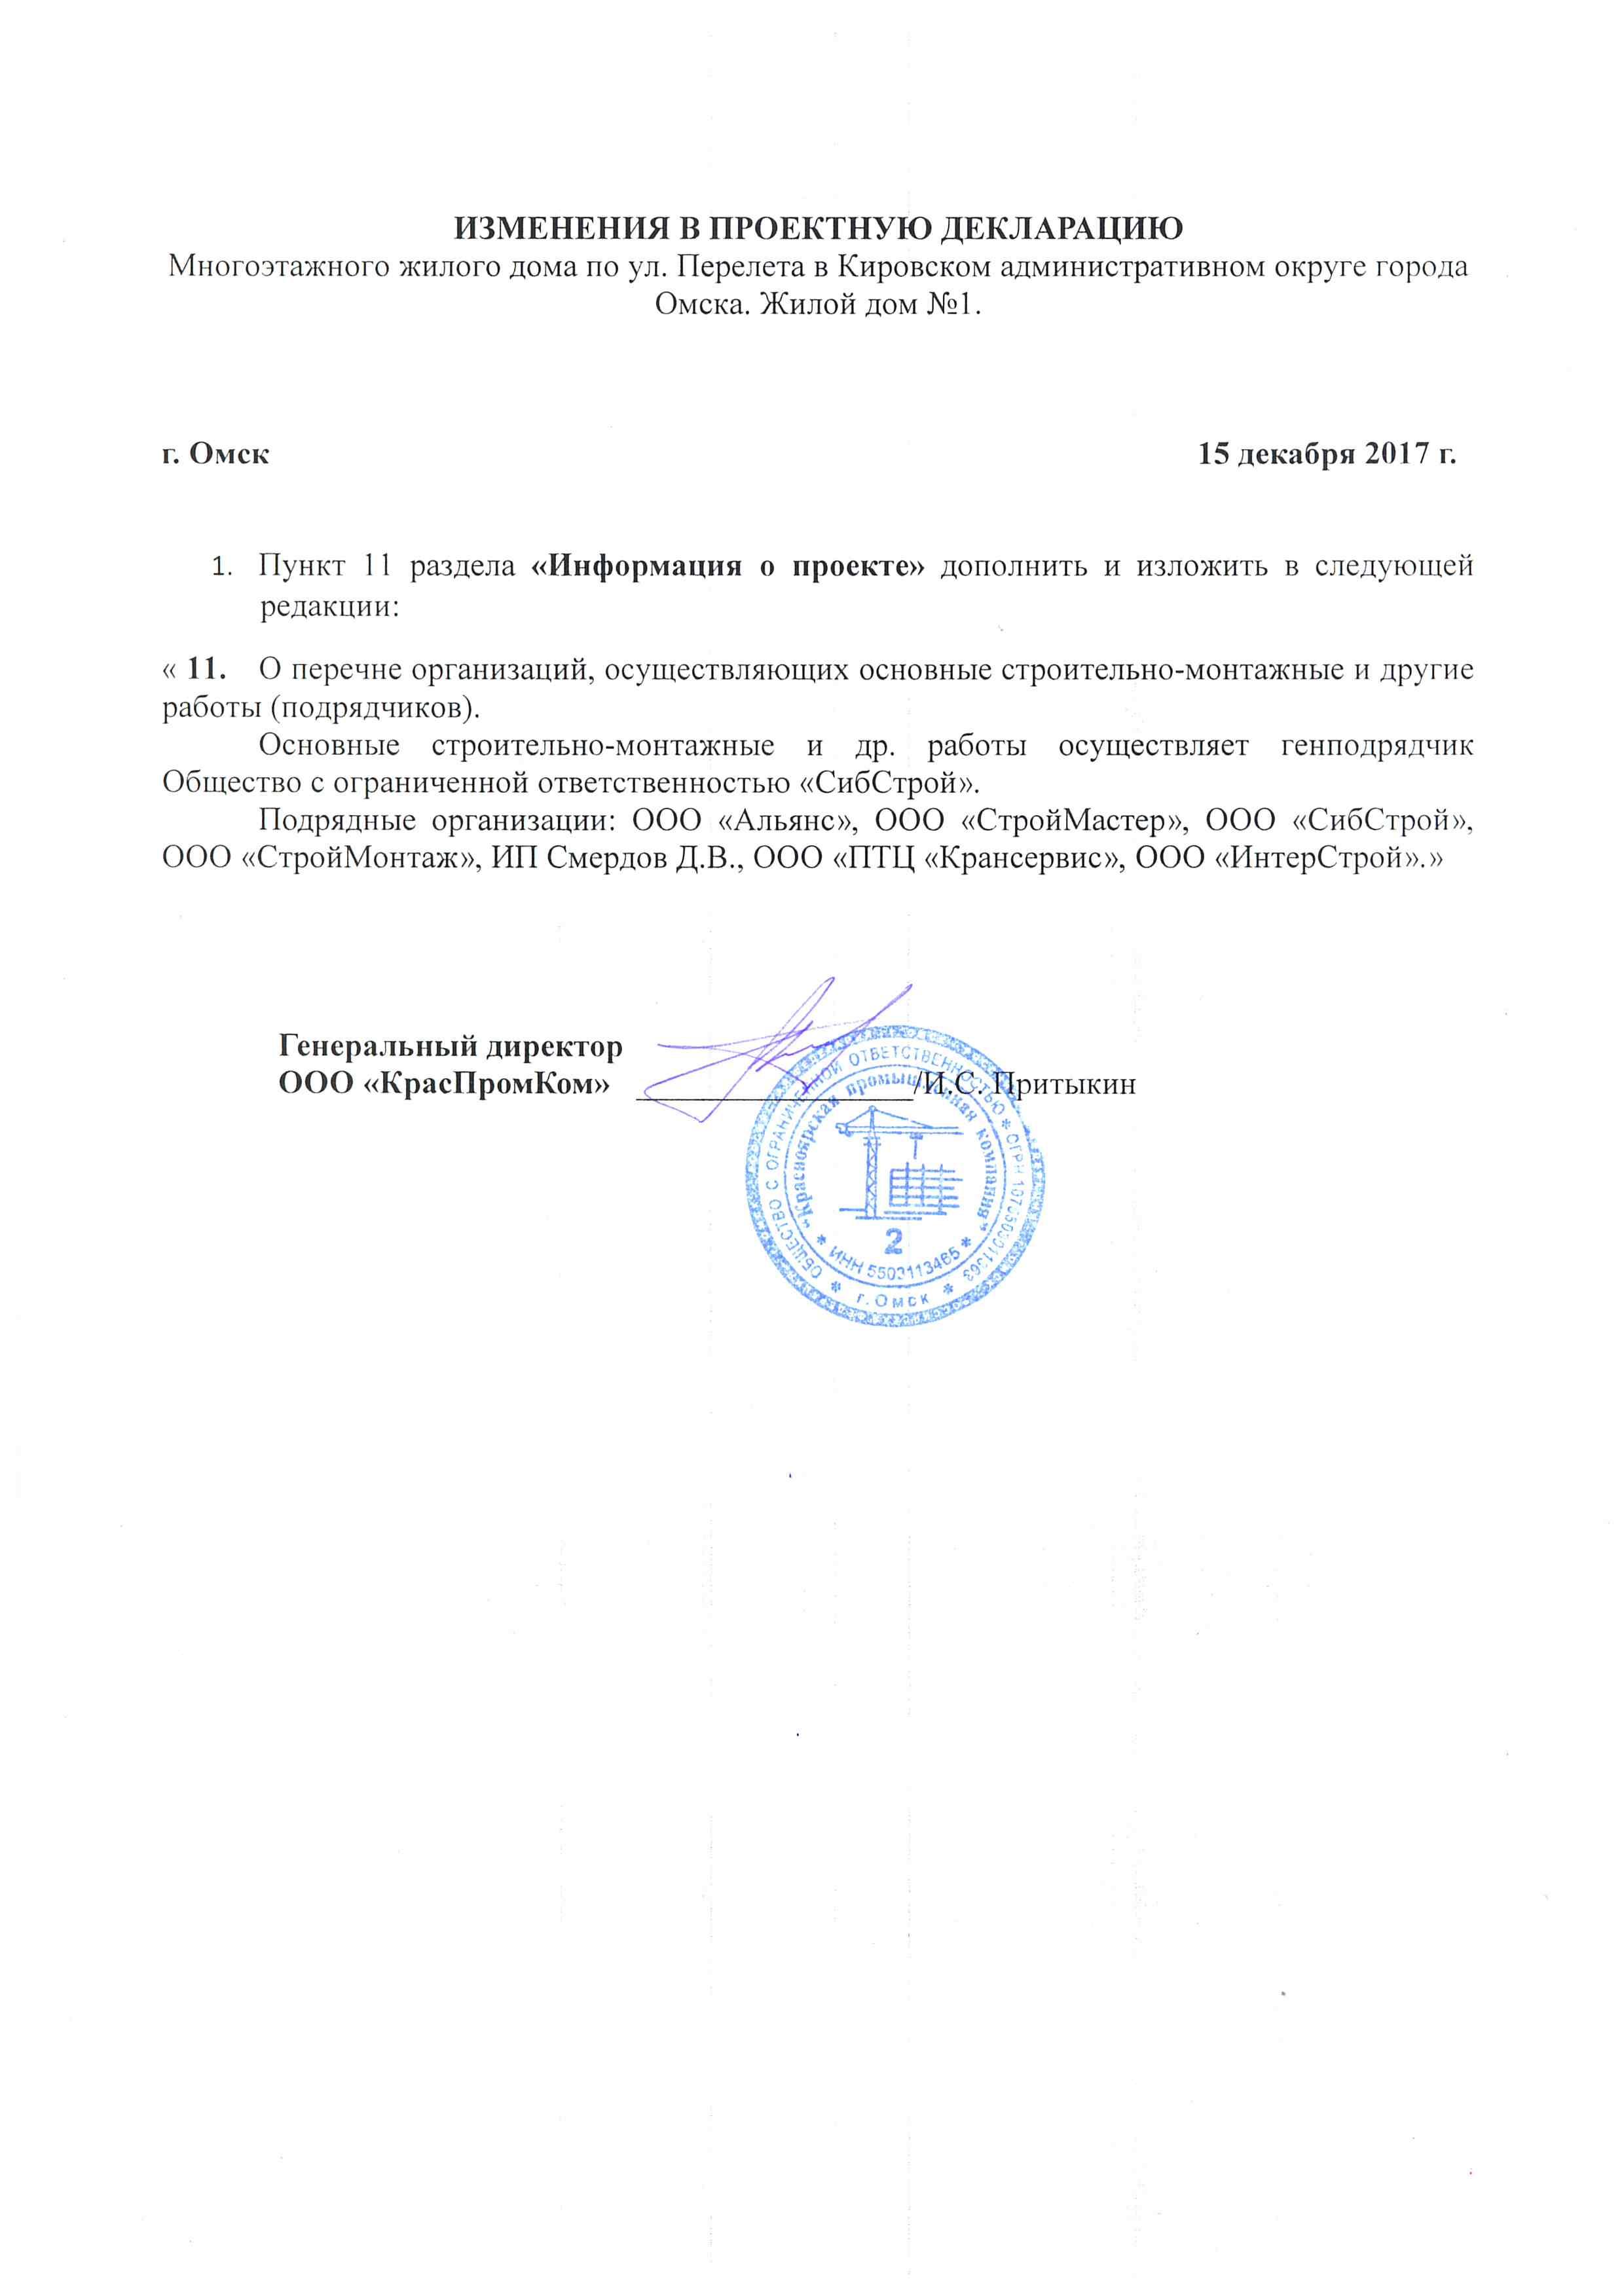 15 декабря СибСтрой